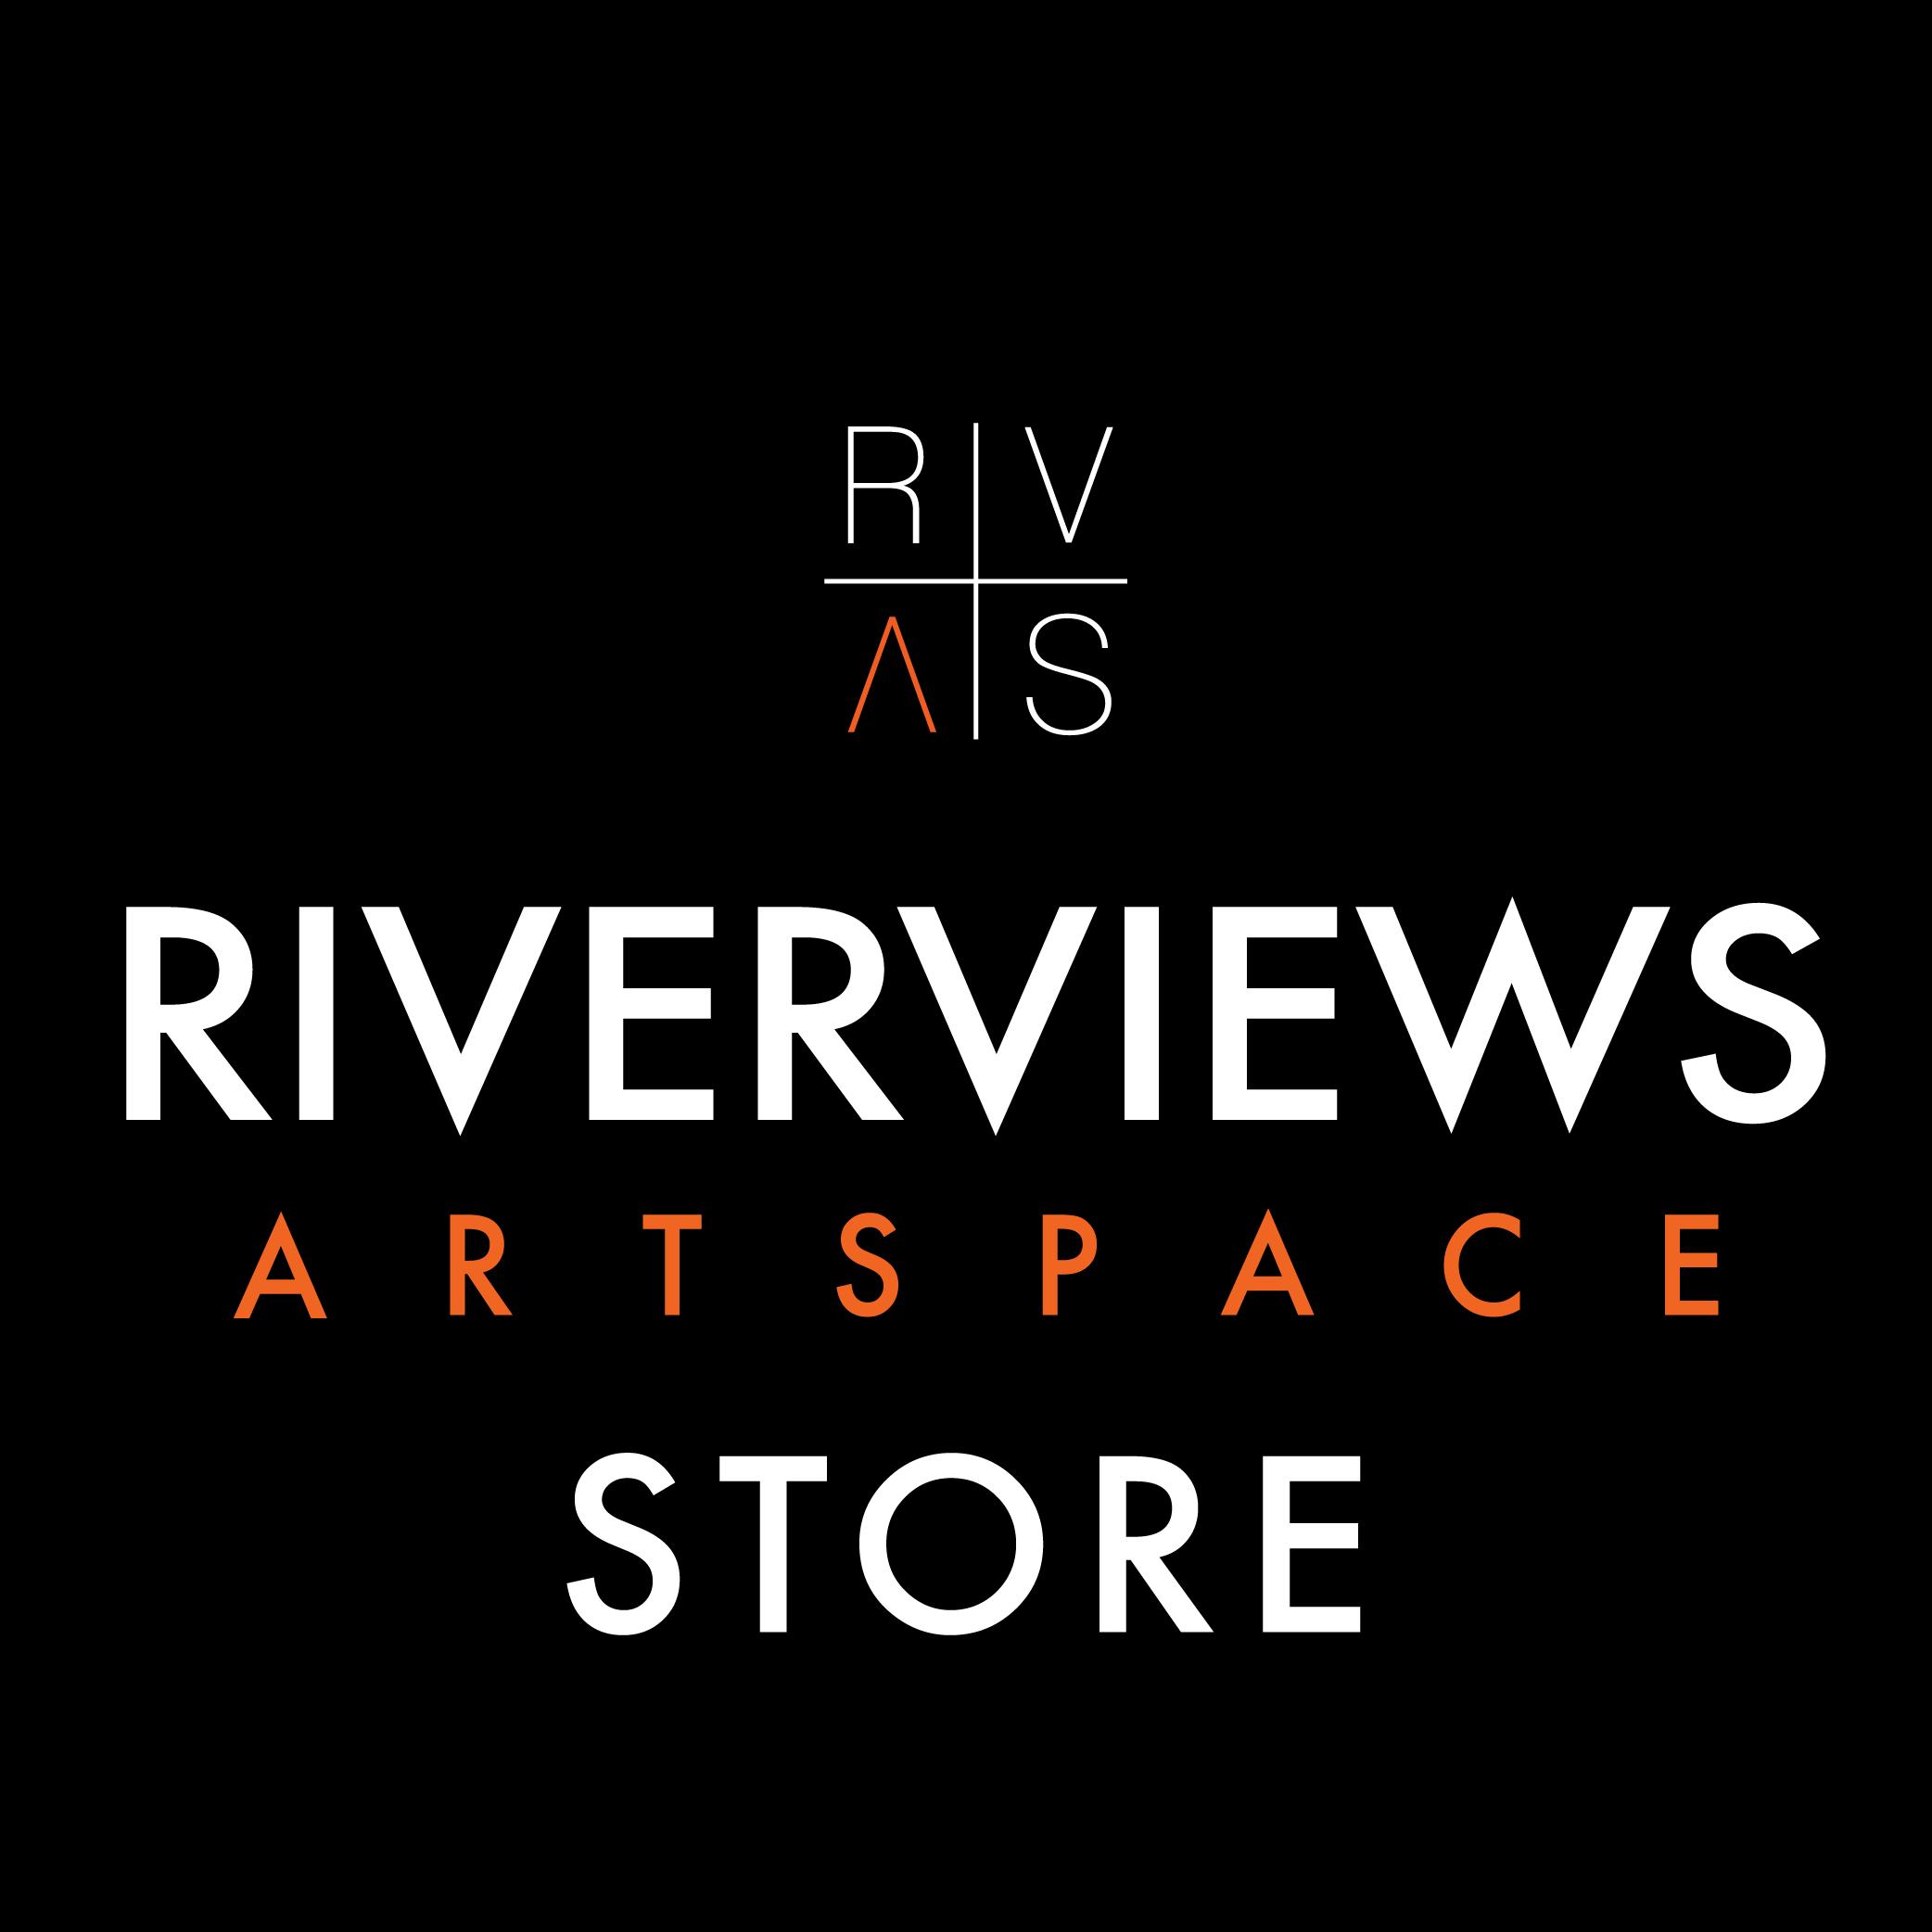 Riverviews Artspace Shop Logo